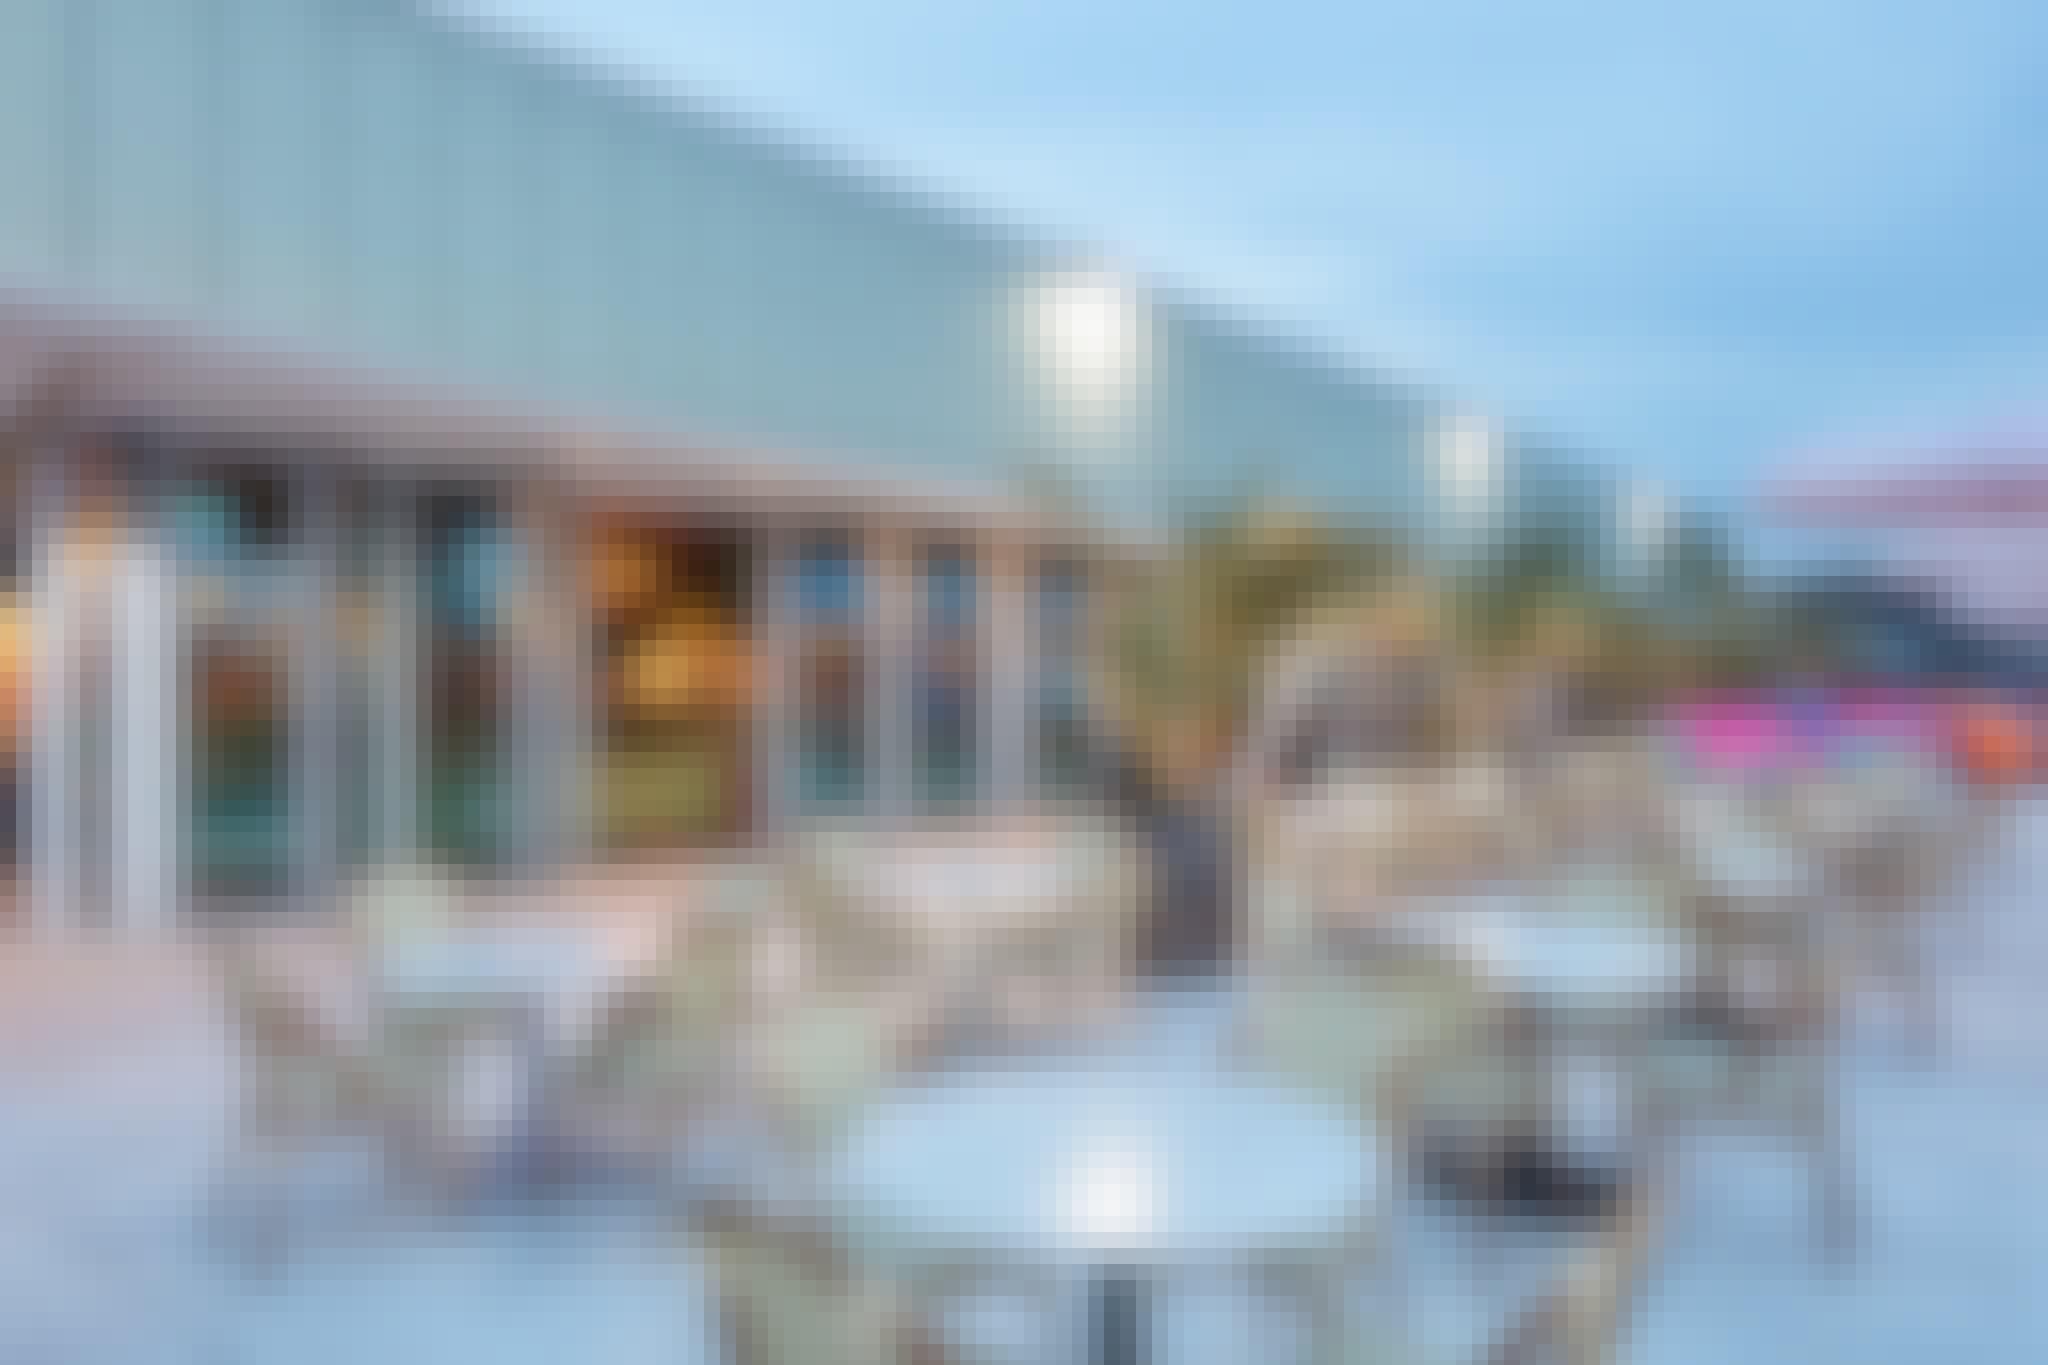 commercial folding glass doors in rooftop restaurant